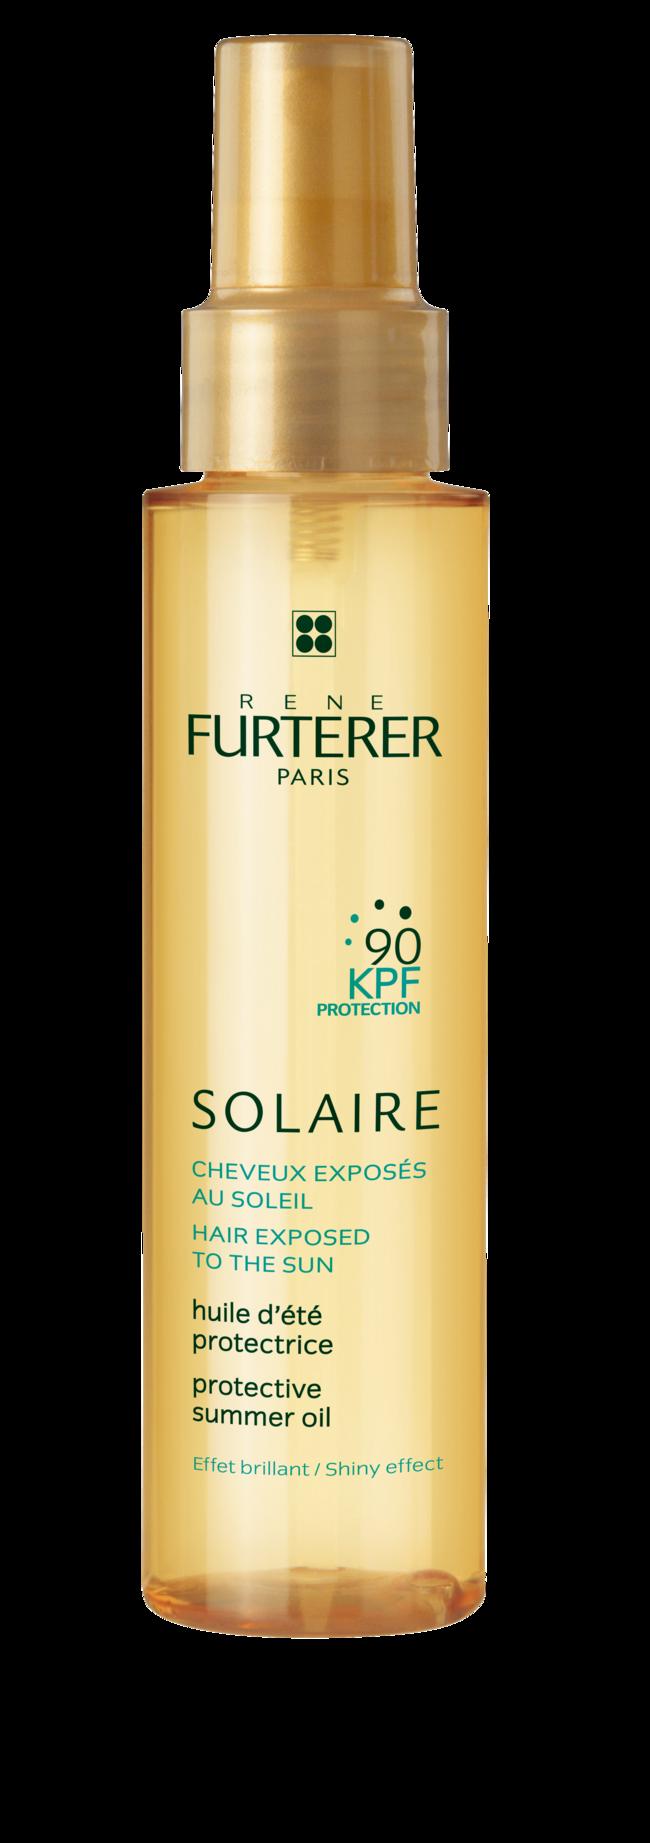 Rf Solaire Aceite Solar Protector Kpf 90